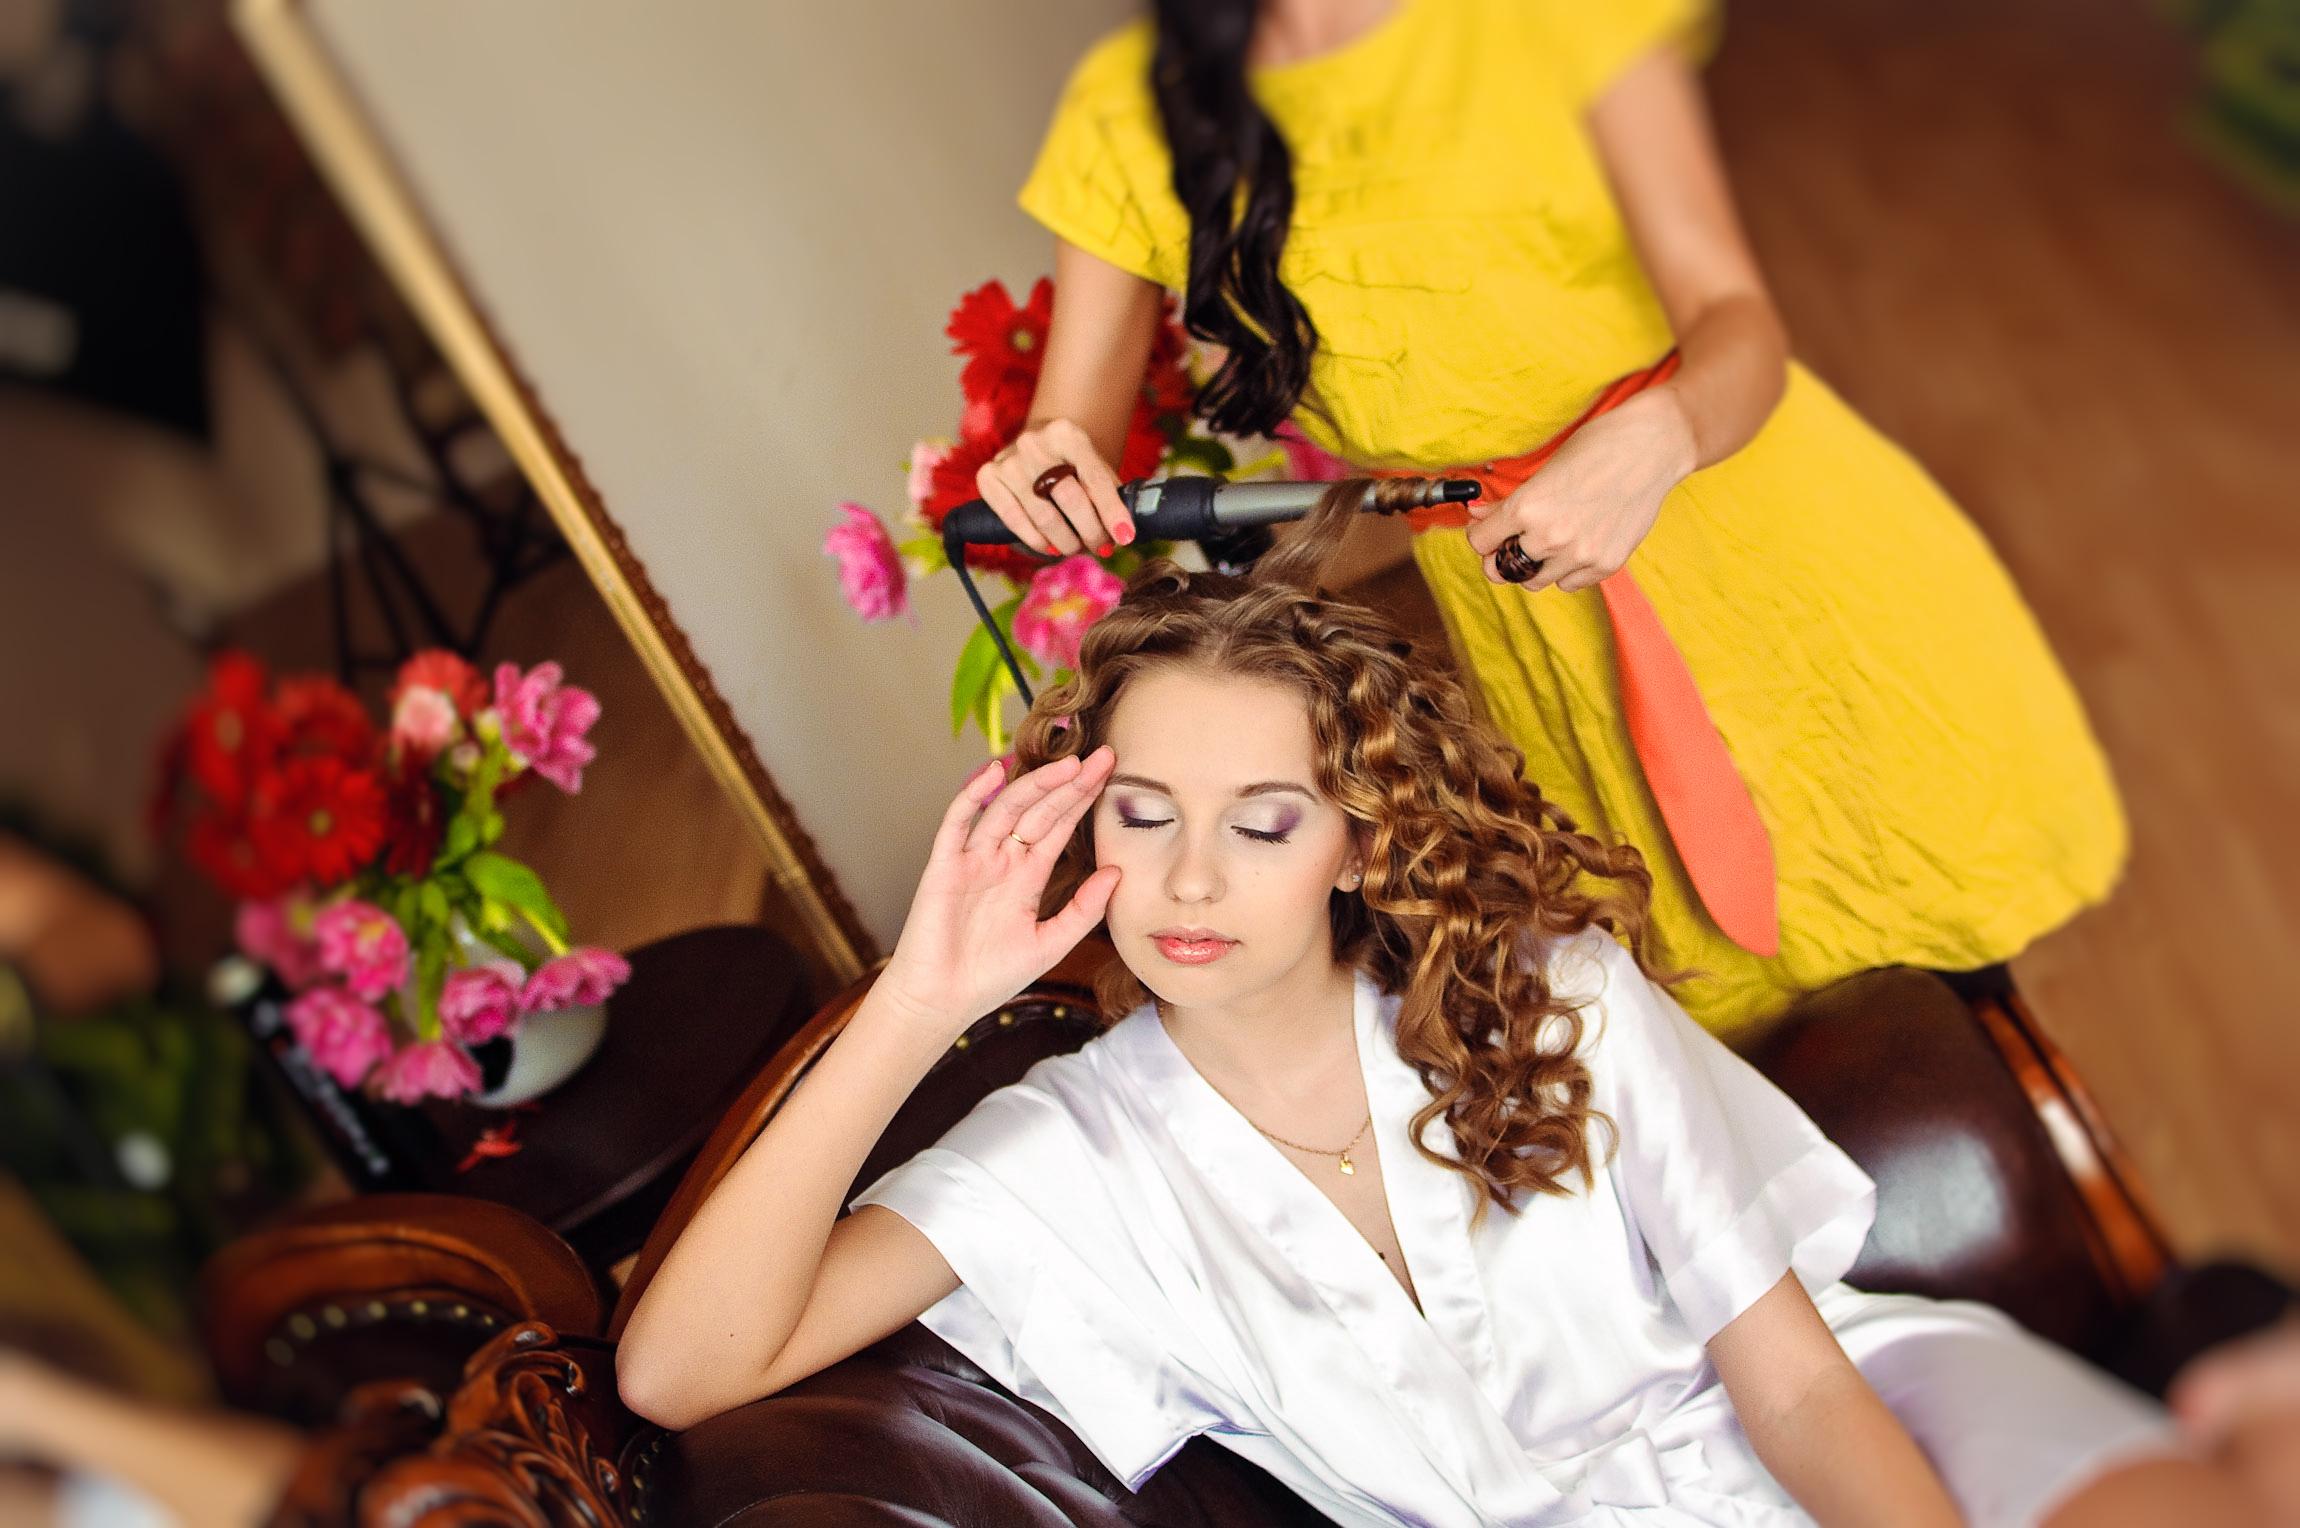 Сегодня парикмахеры славятся своим искусством, как и раньше